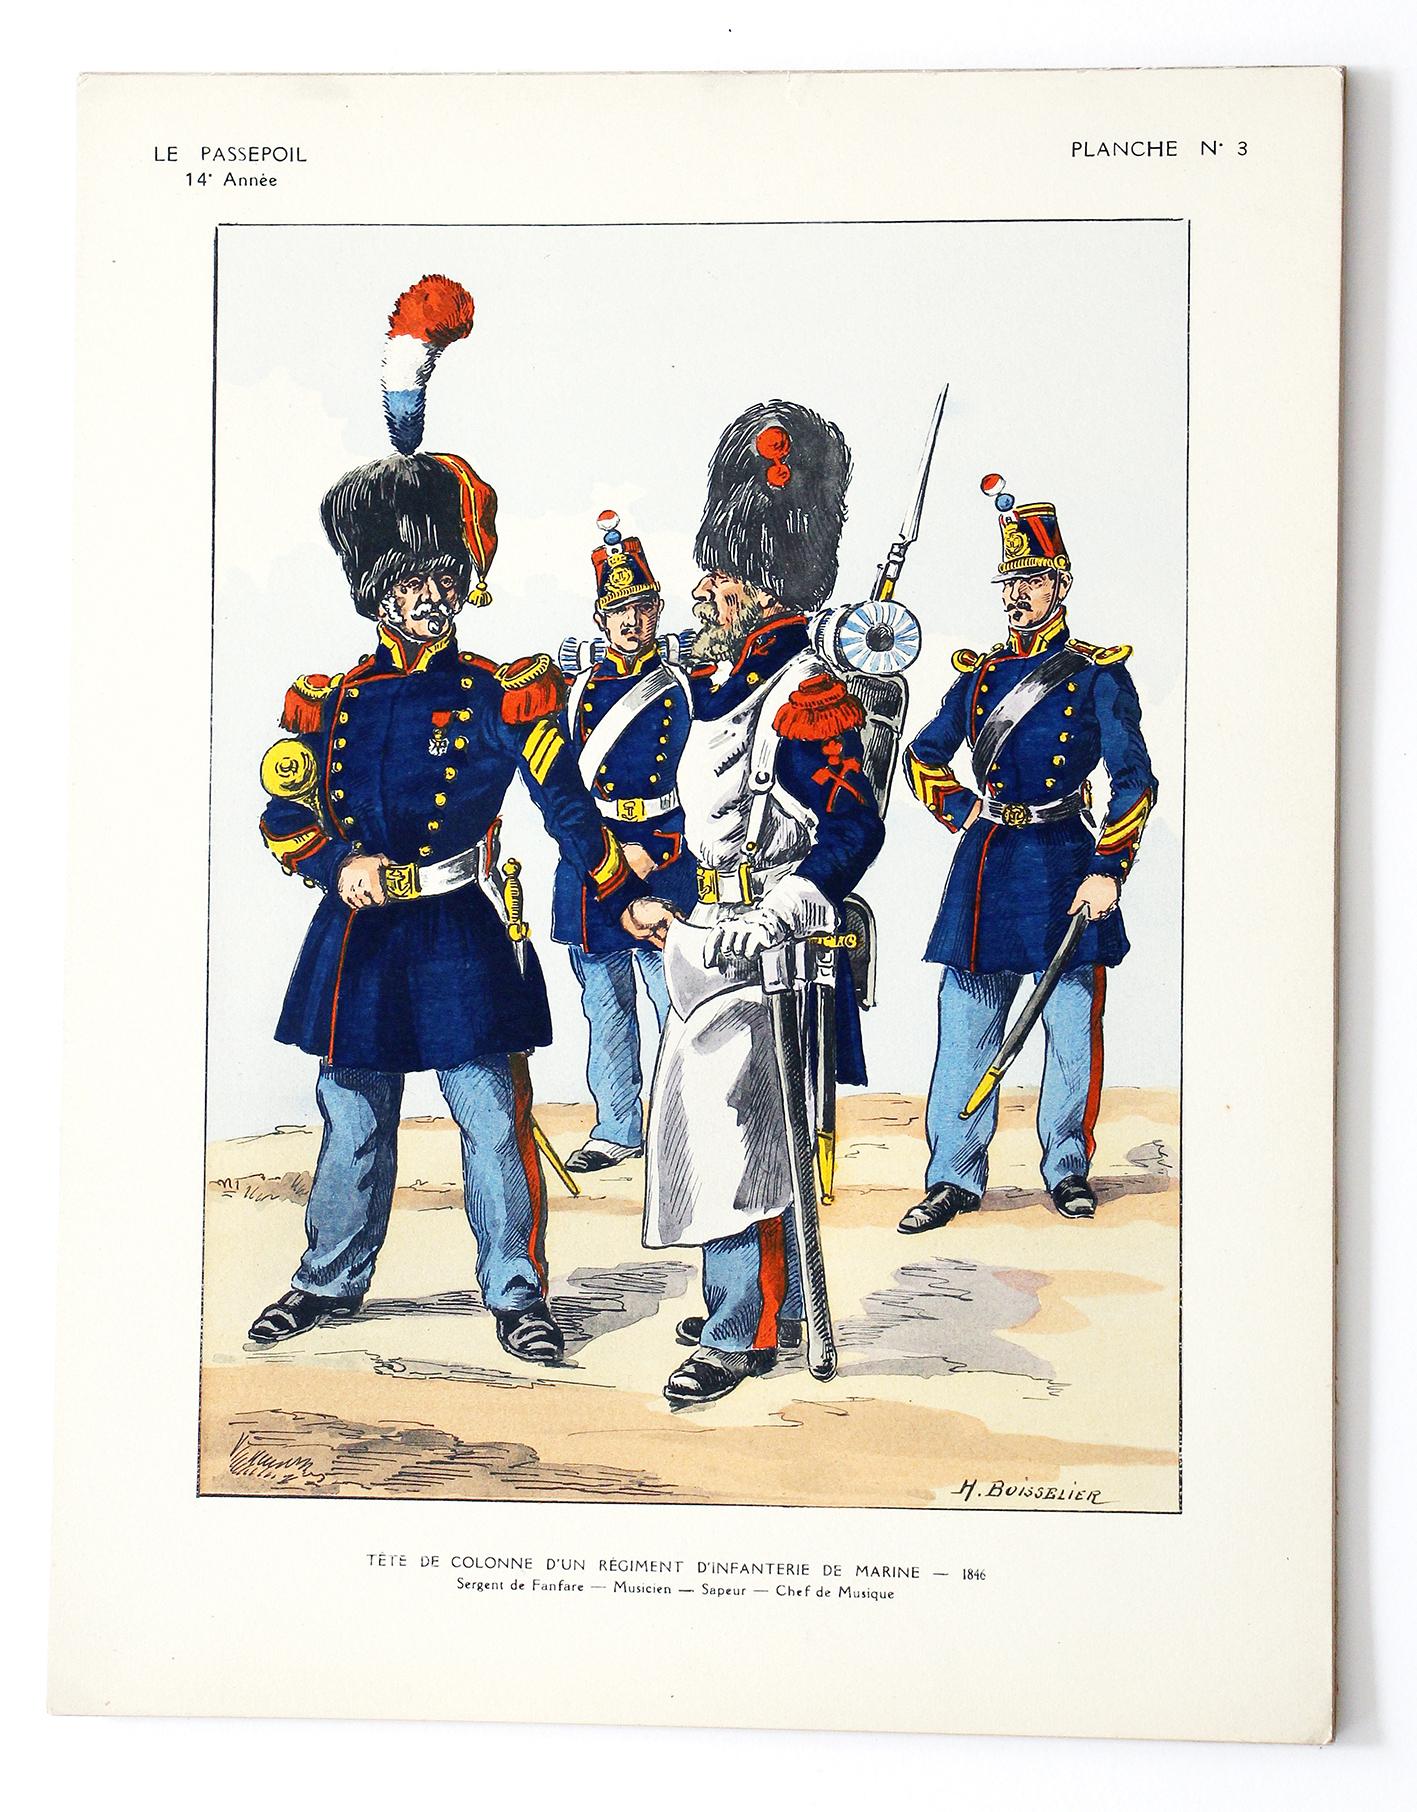 Tête de Colonne d'un Régiment d'Infanterie de Marine - Henri Boisselier - Le Passepoil